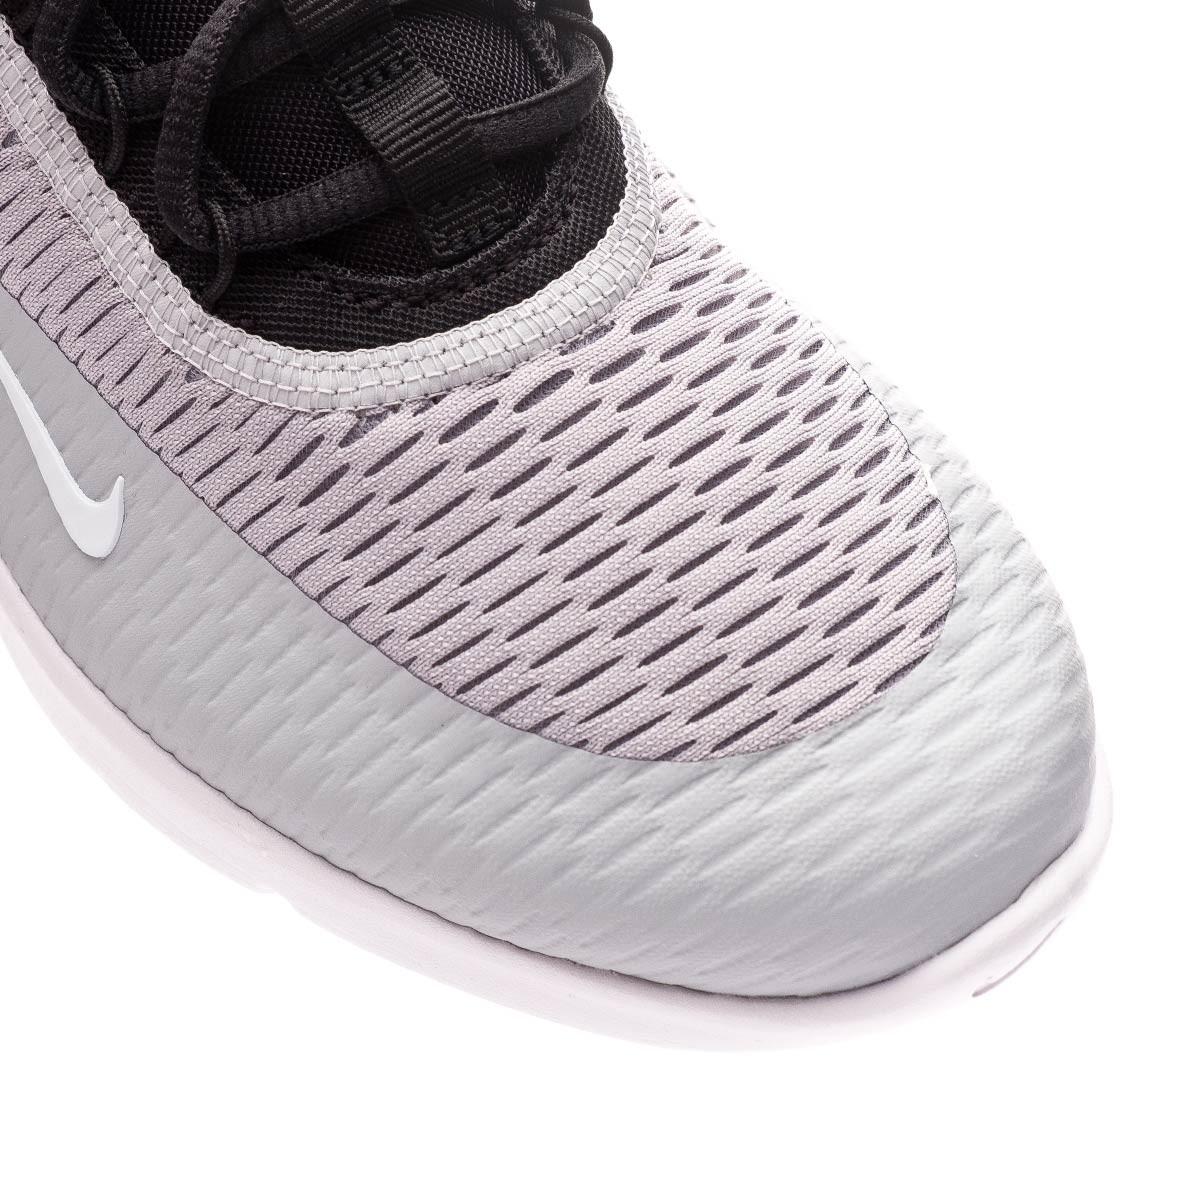 scarpe nike air max advantage